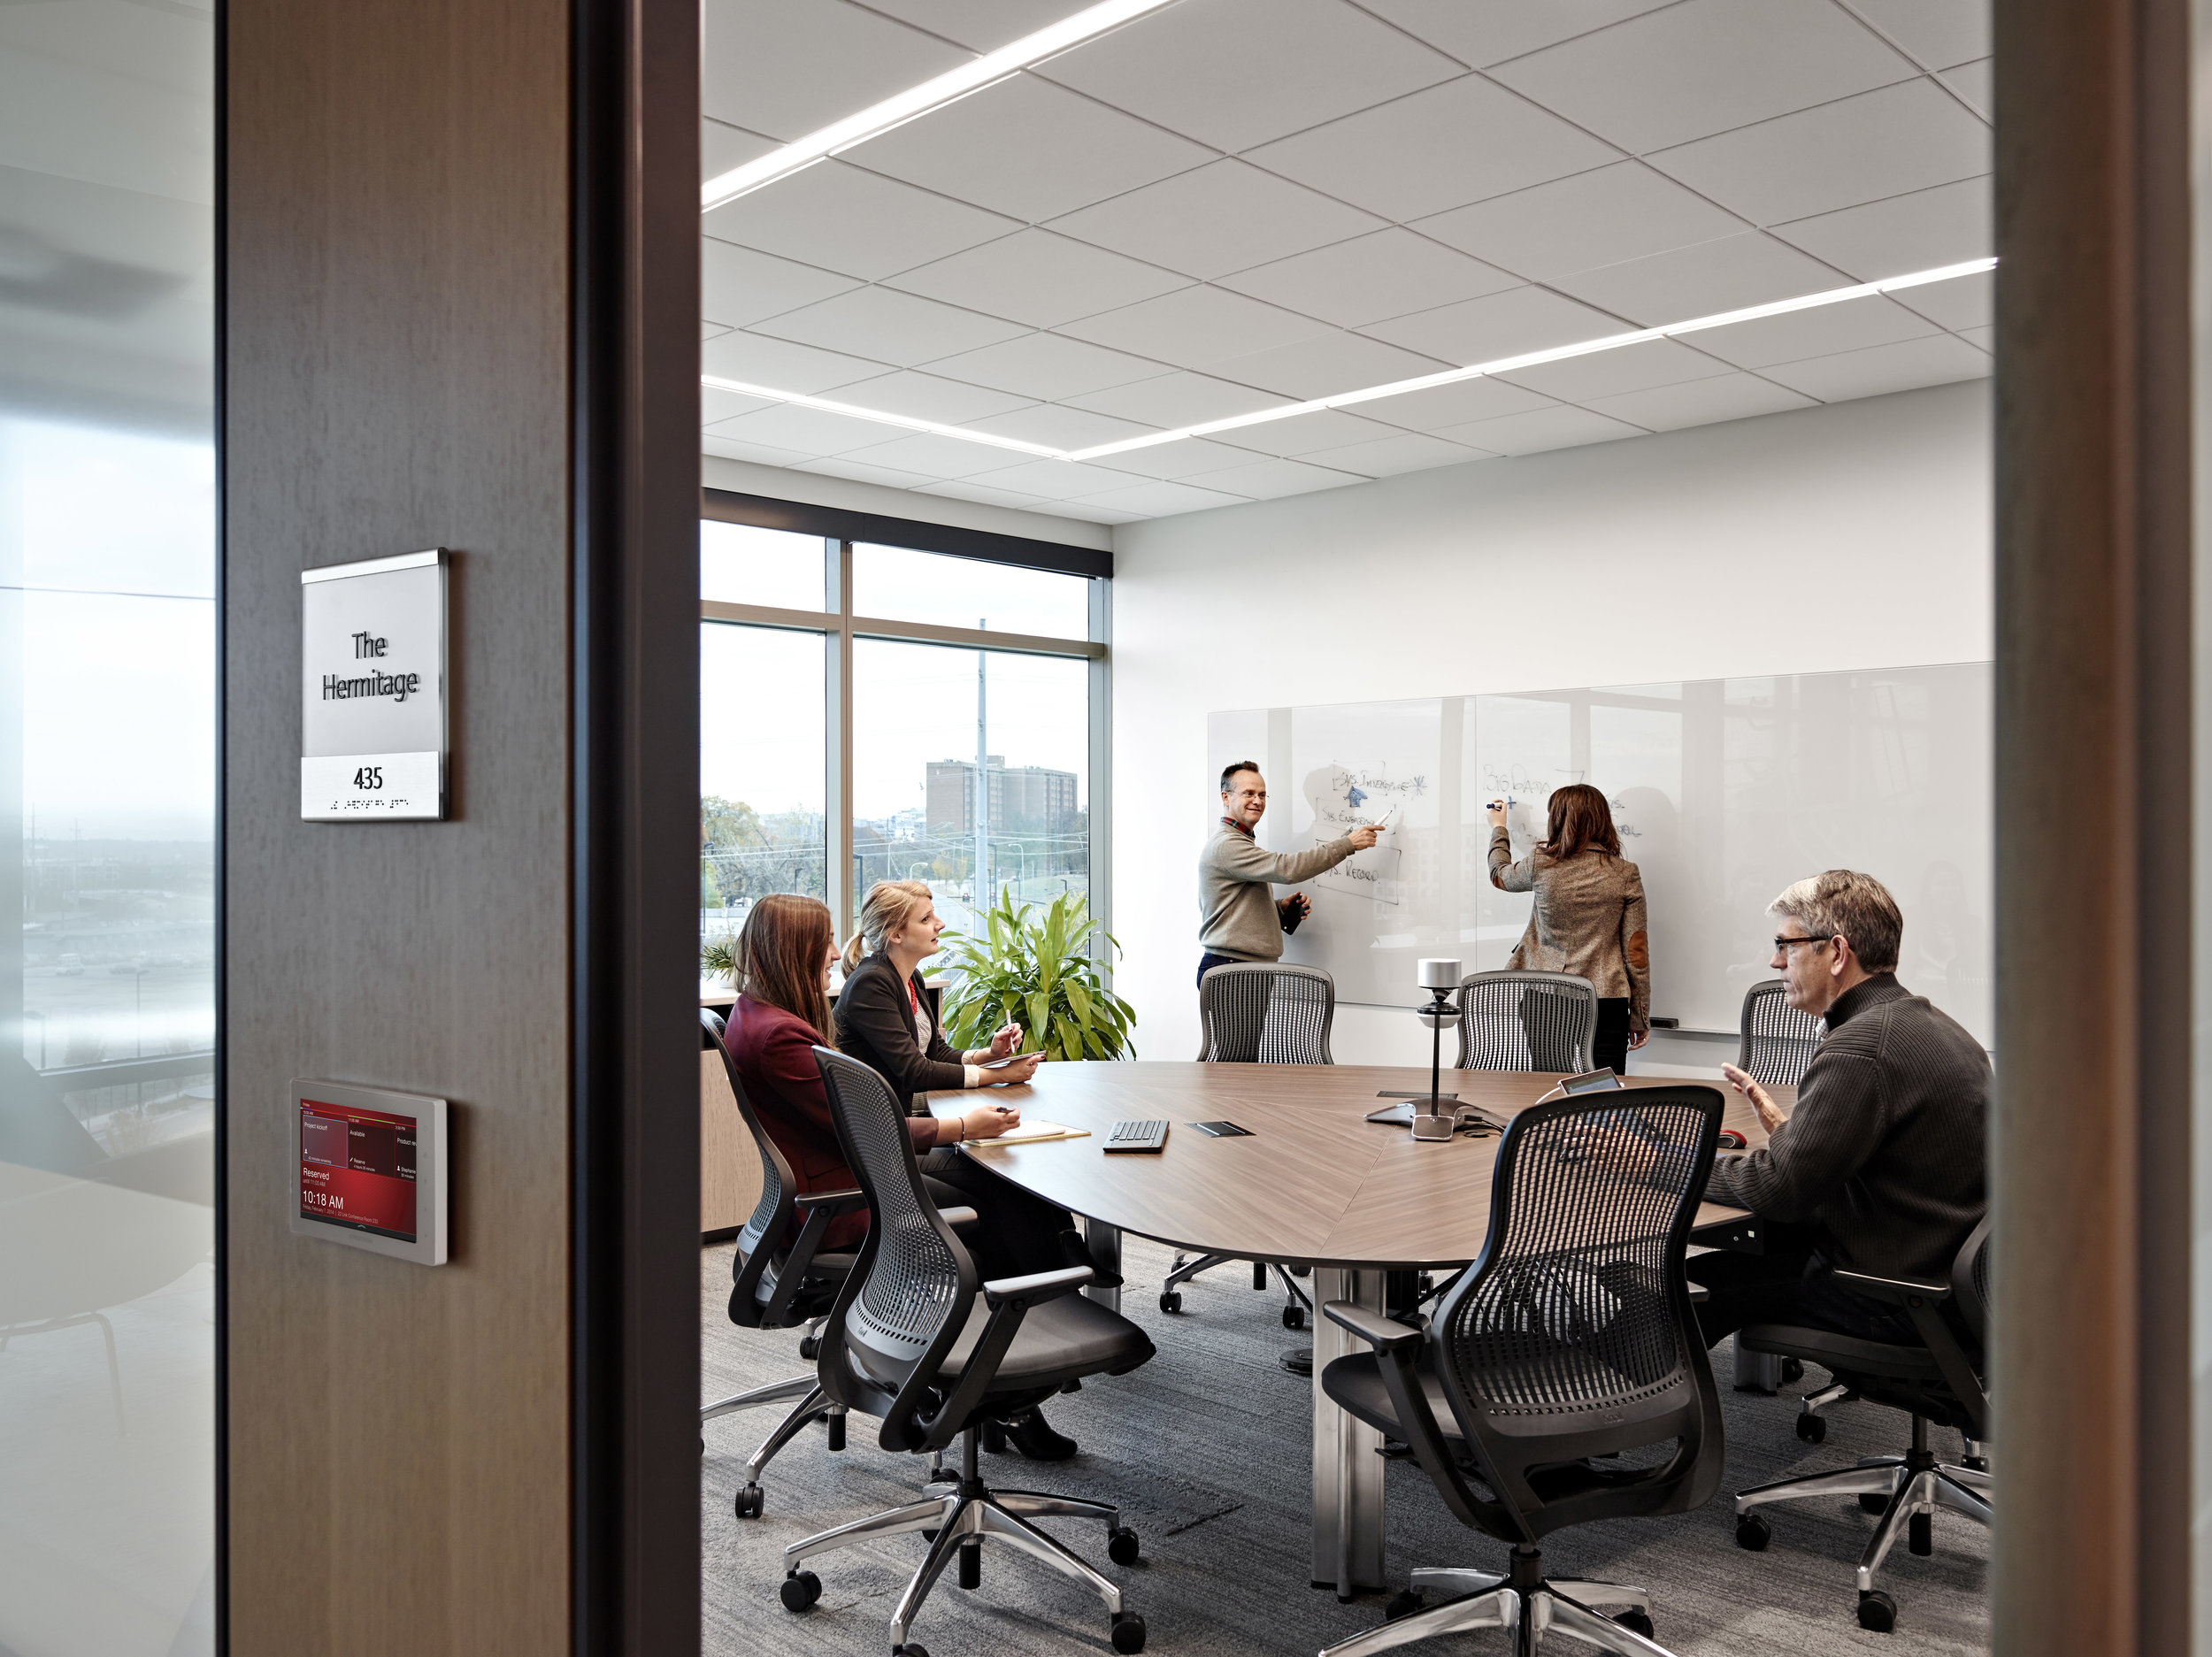 MIcrosoft Office Shot 7r LR.jpg